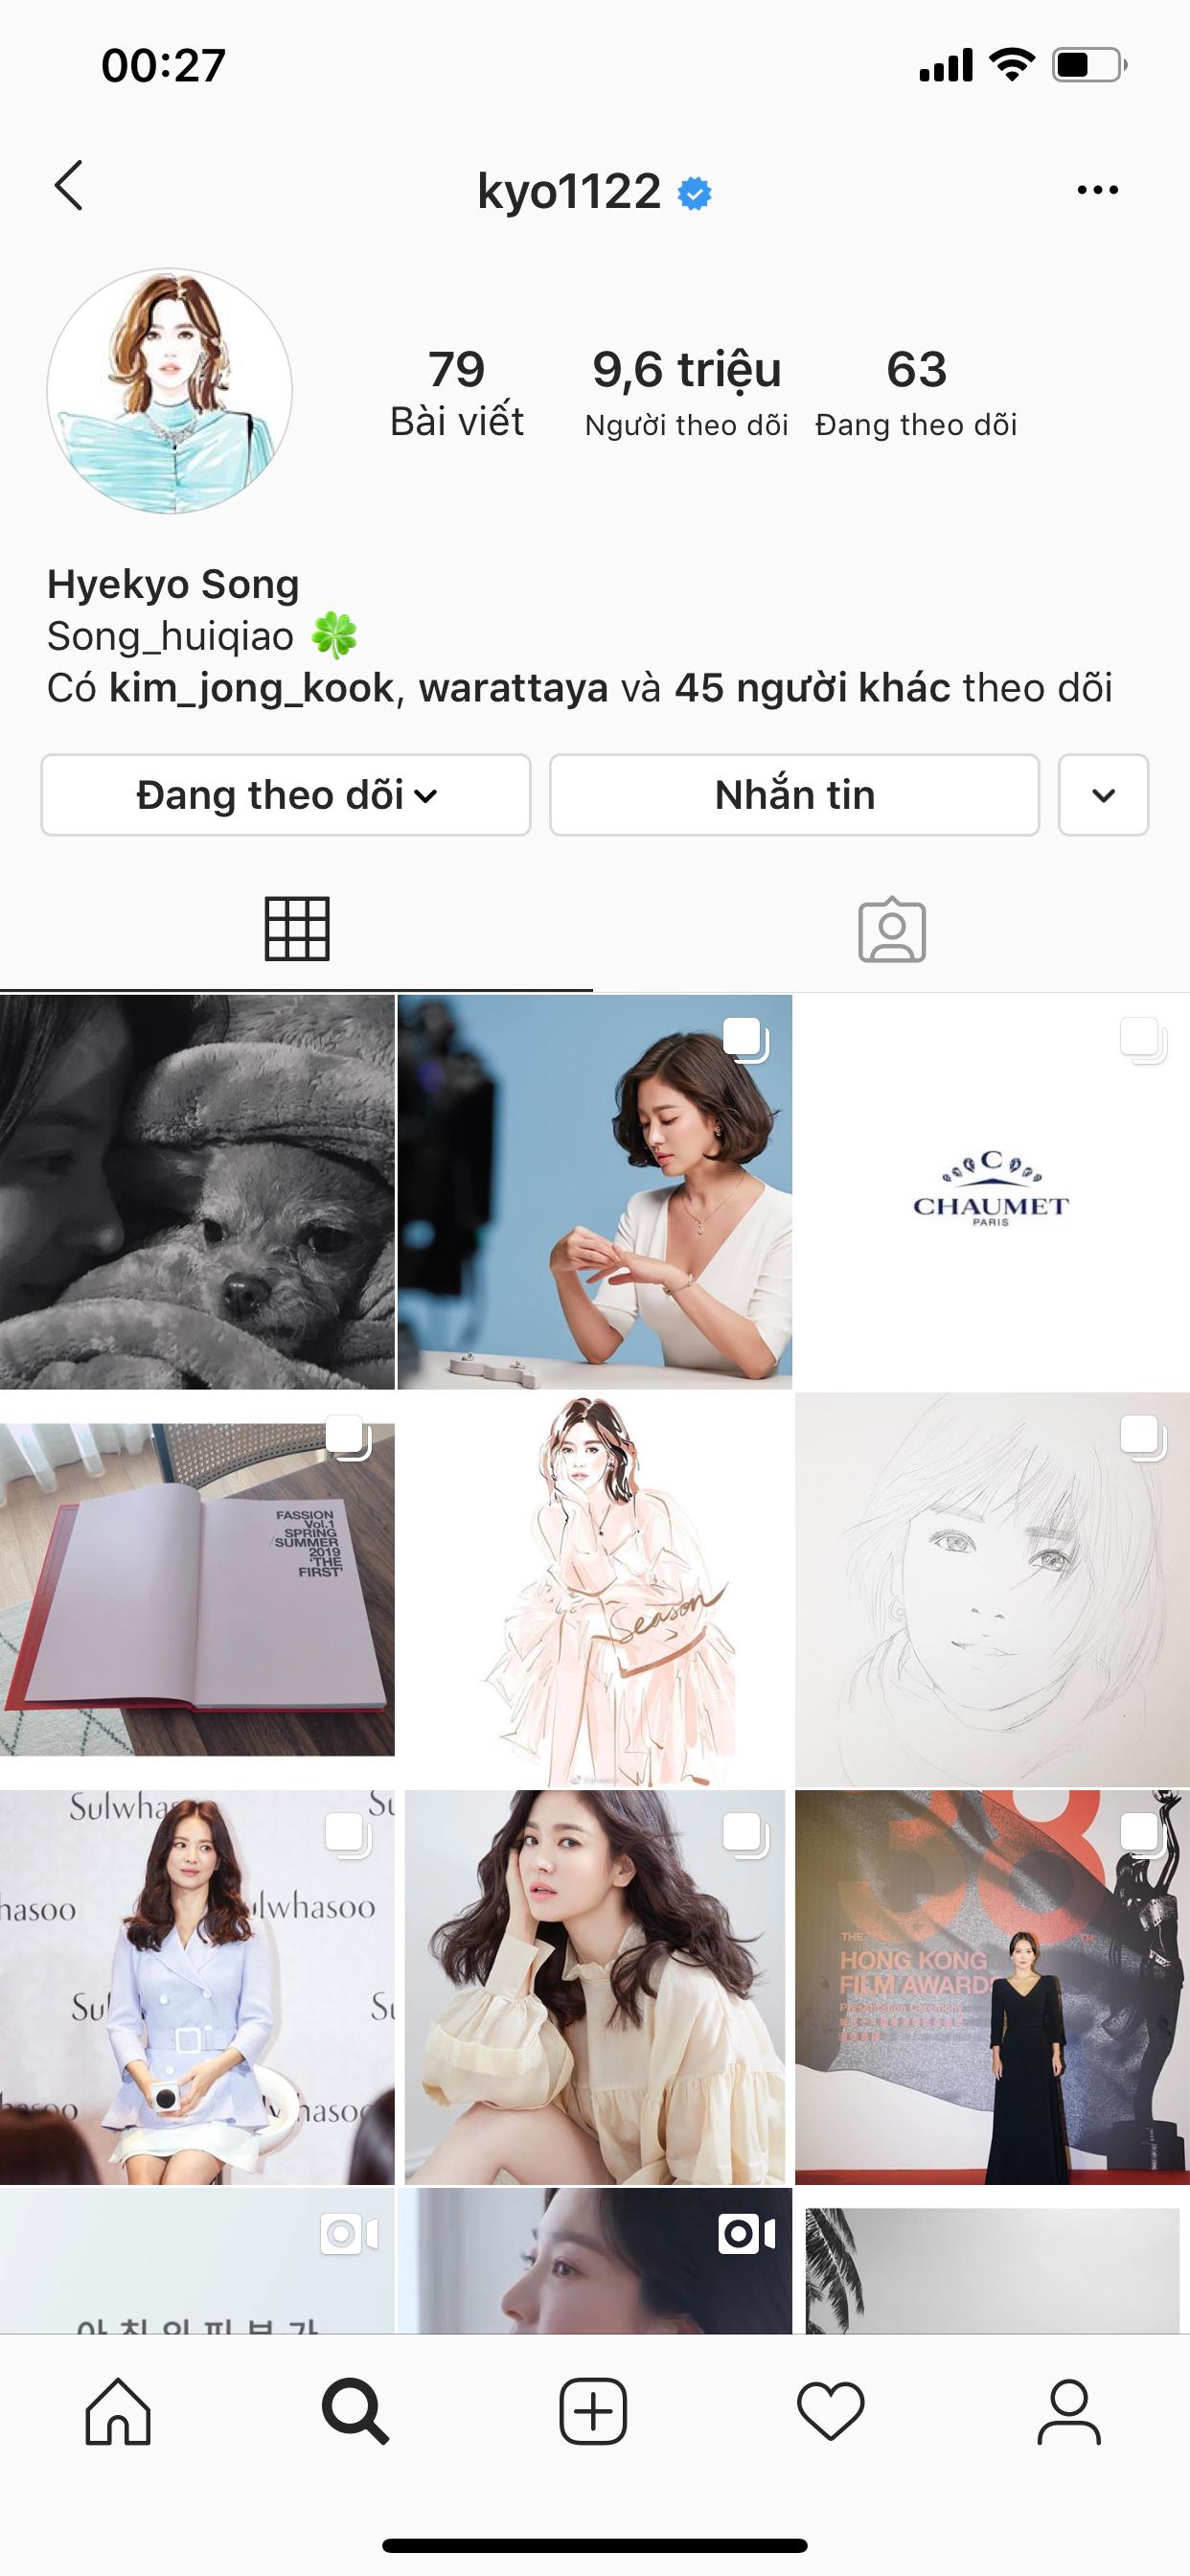 Chính thức ly dị, Song Hye Kyo đã có động thái đầu tiên: Khai tử ảnh cưới, toàn bộ dấu vết về chồng trên Instagram - Ảnh 1.